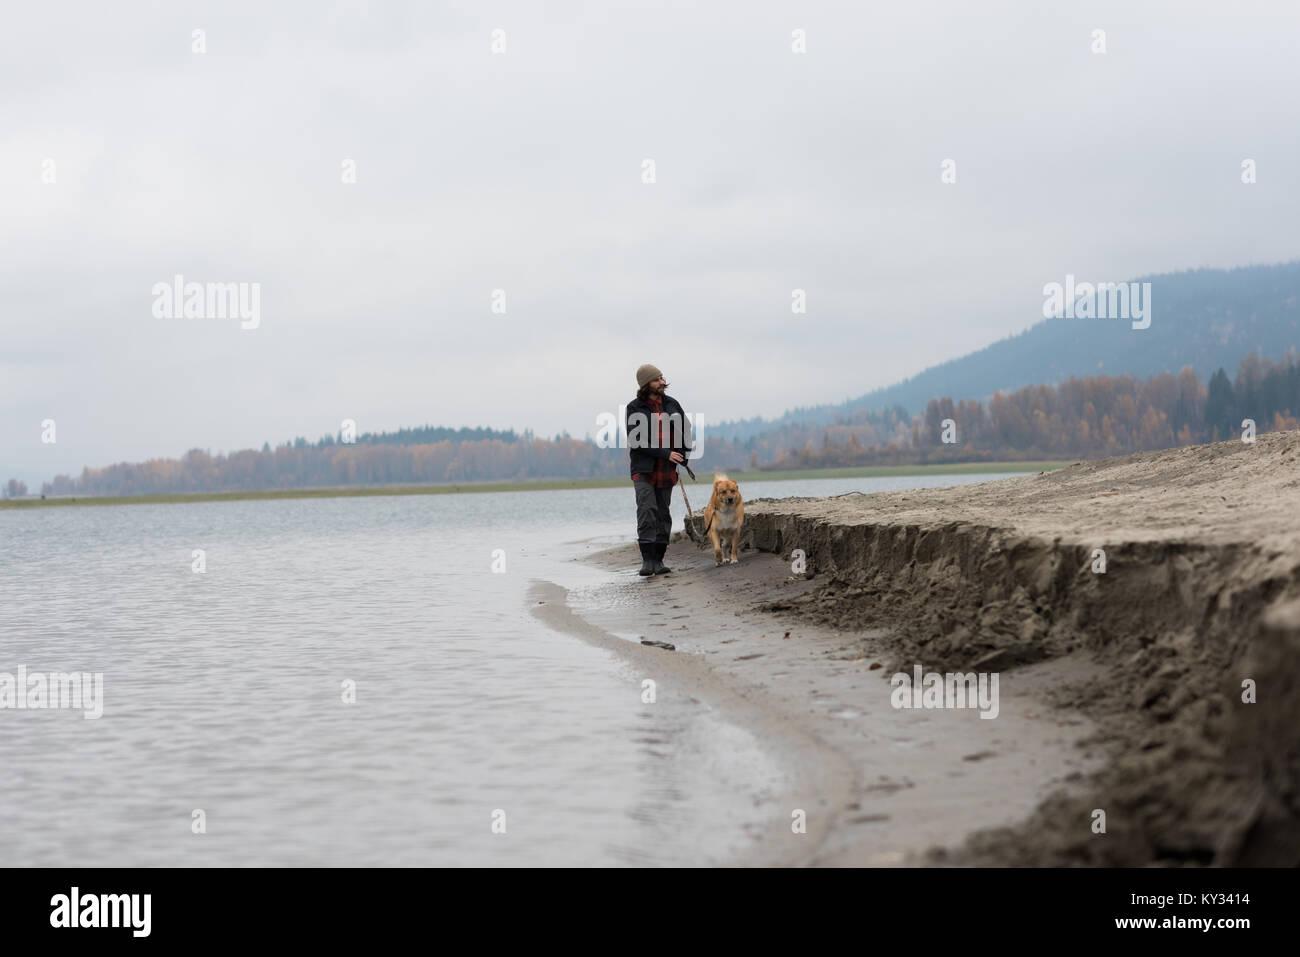 Man and his pet dog walking at river bank - Stock Image